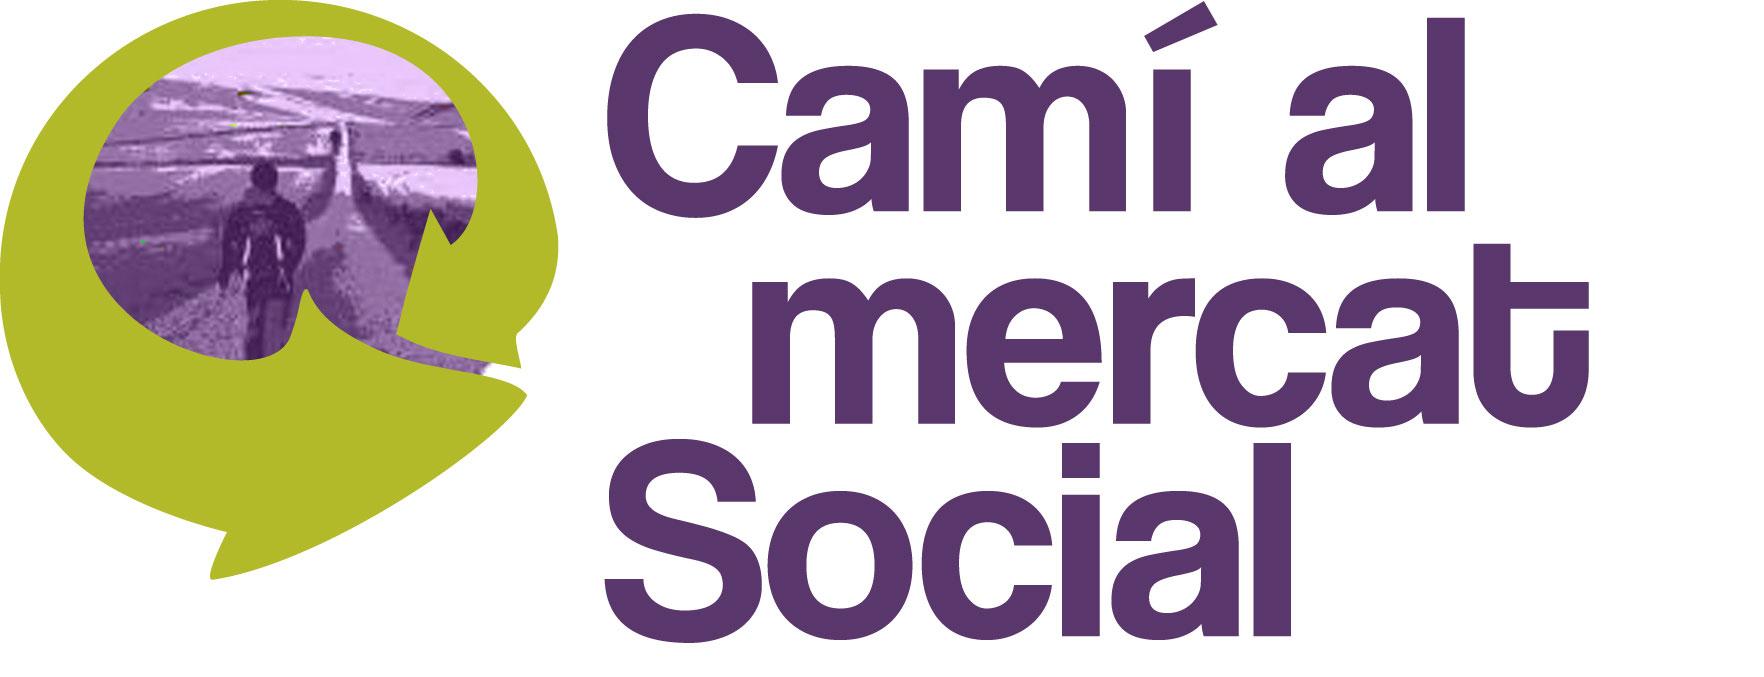 Taller participativo: Construcción del Mercado Social en el País Valencià